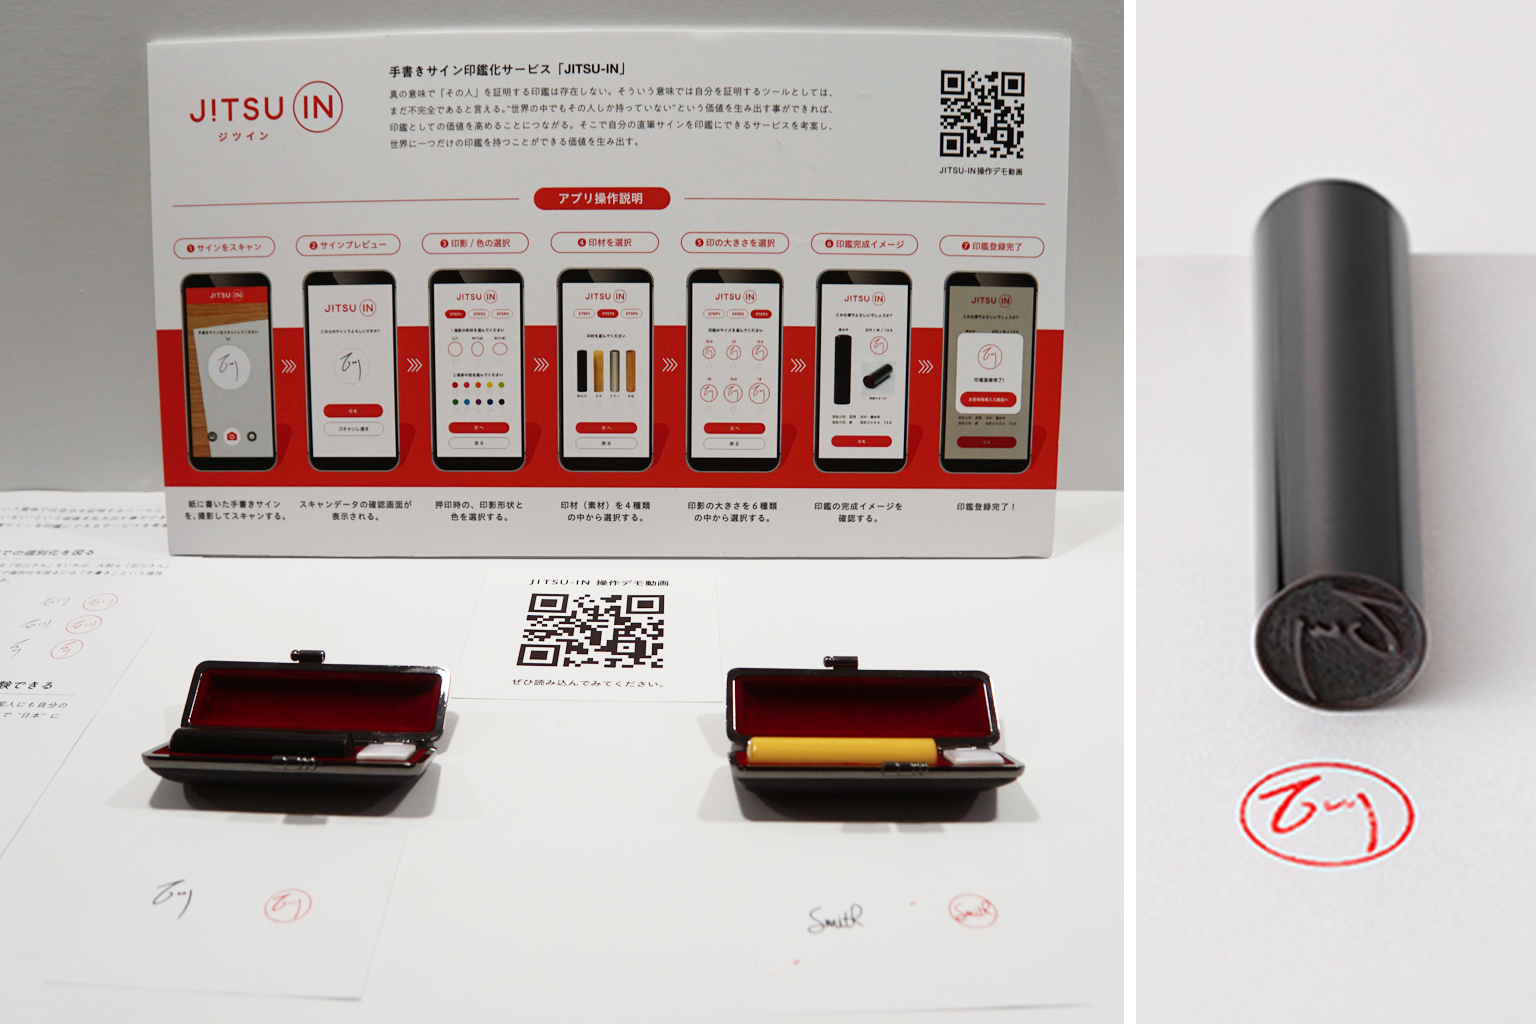 「第12回シヤチハタ・ニュープロダクト・デザイン・コンペティション」準グランプリ 石川和也さんの「JITSU-IN」模型